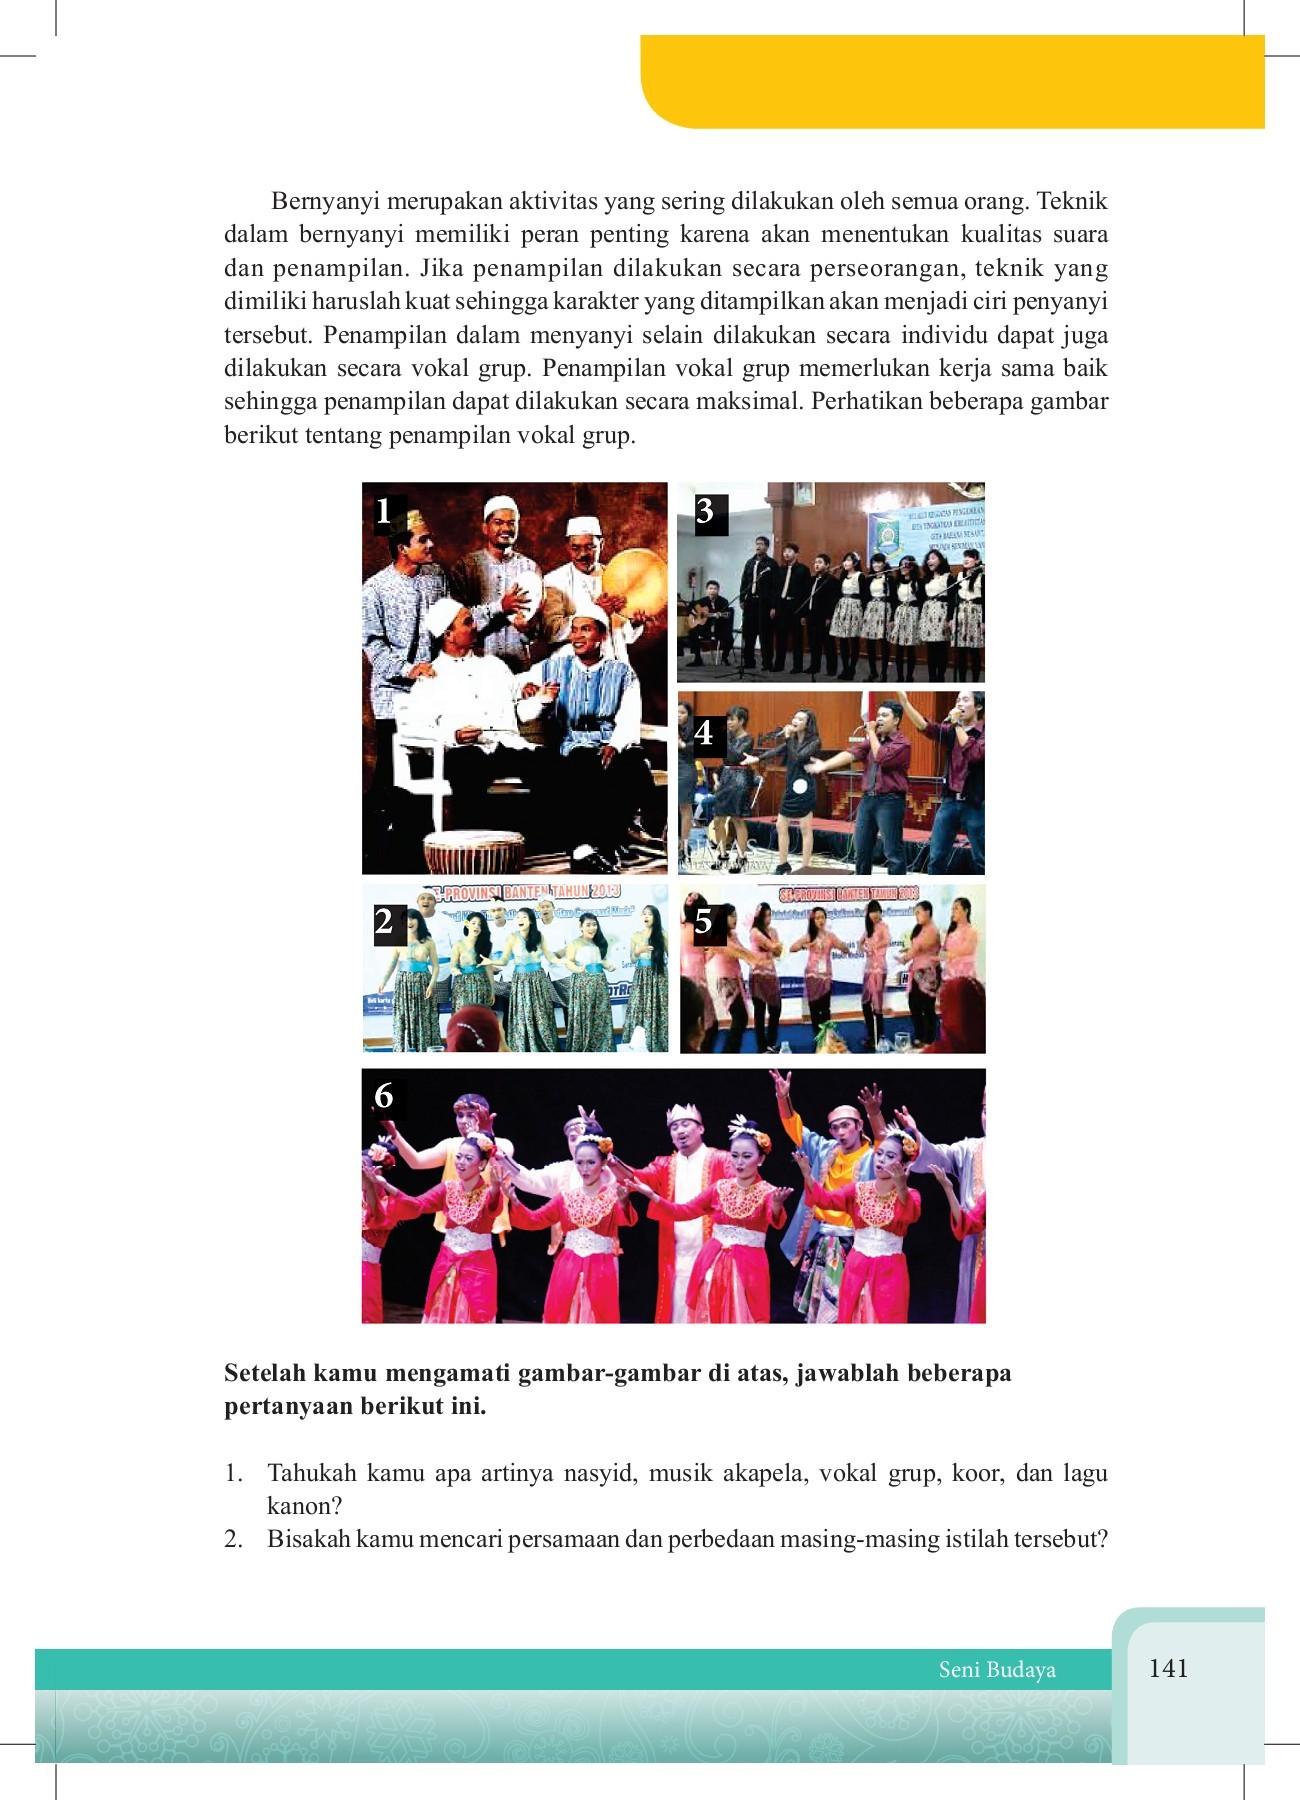 Contoh Lagu Kanon : contoh, kanon, Kelas7_buku_siswa_seni_budaya_smp_mts_kelas_vii_1953, Pages, Download, FlipHTML5